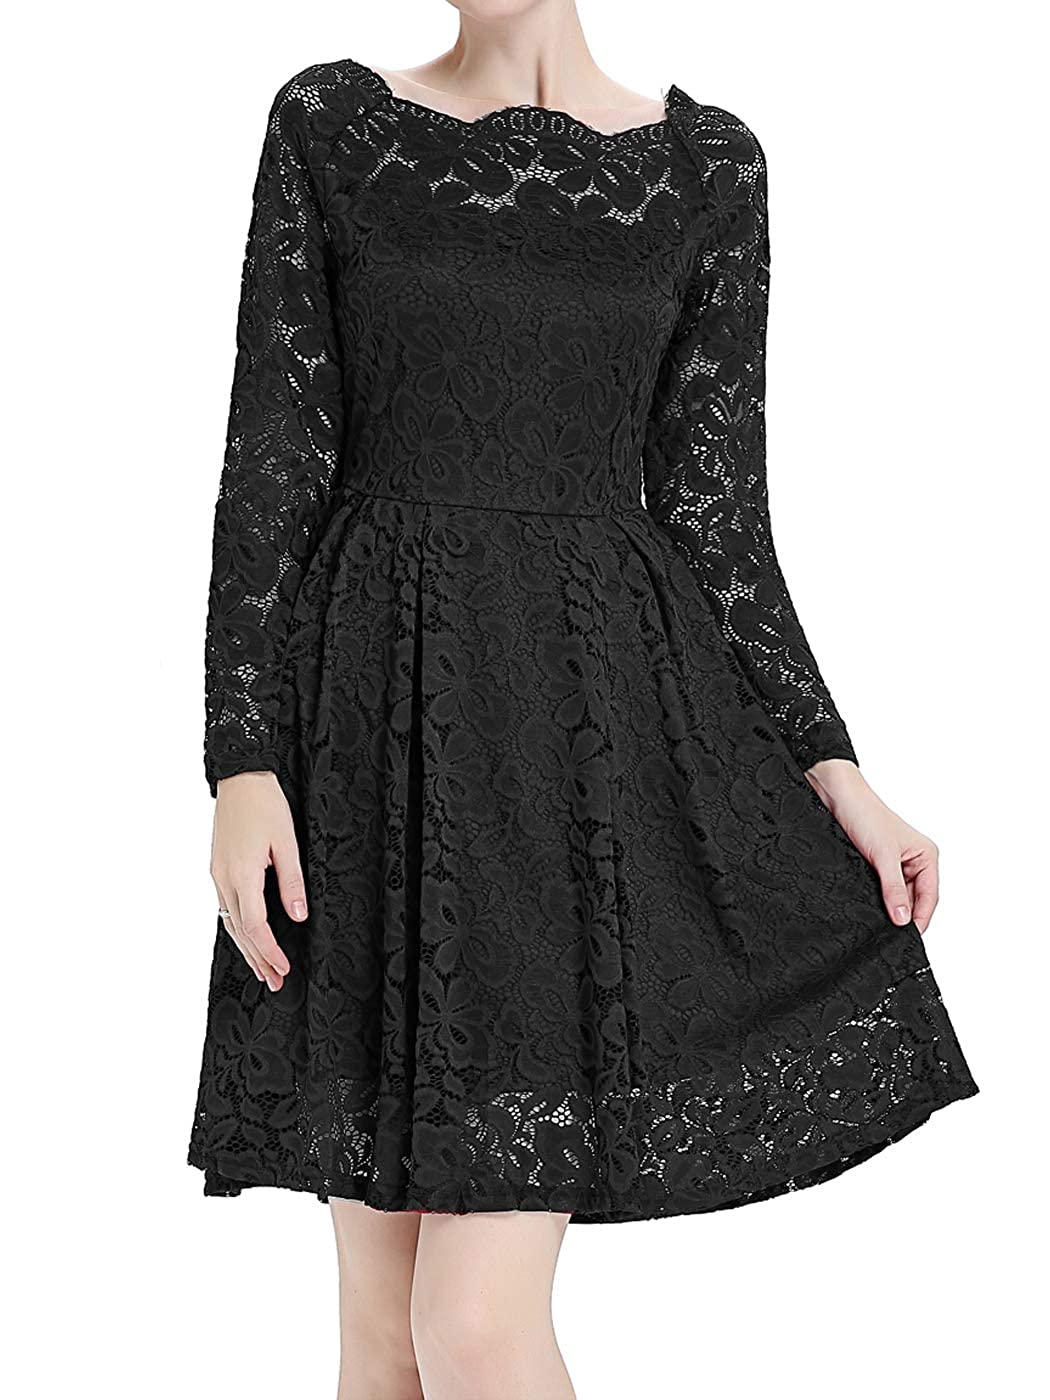 Blackb FAIRY COUPLE Women's Off the Shoulder Lace Vintage Wedding Party Cocktail Dress DL006